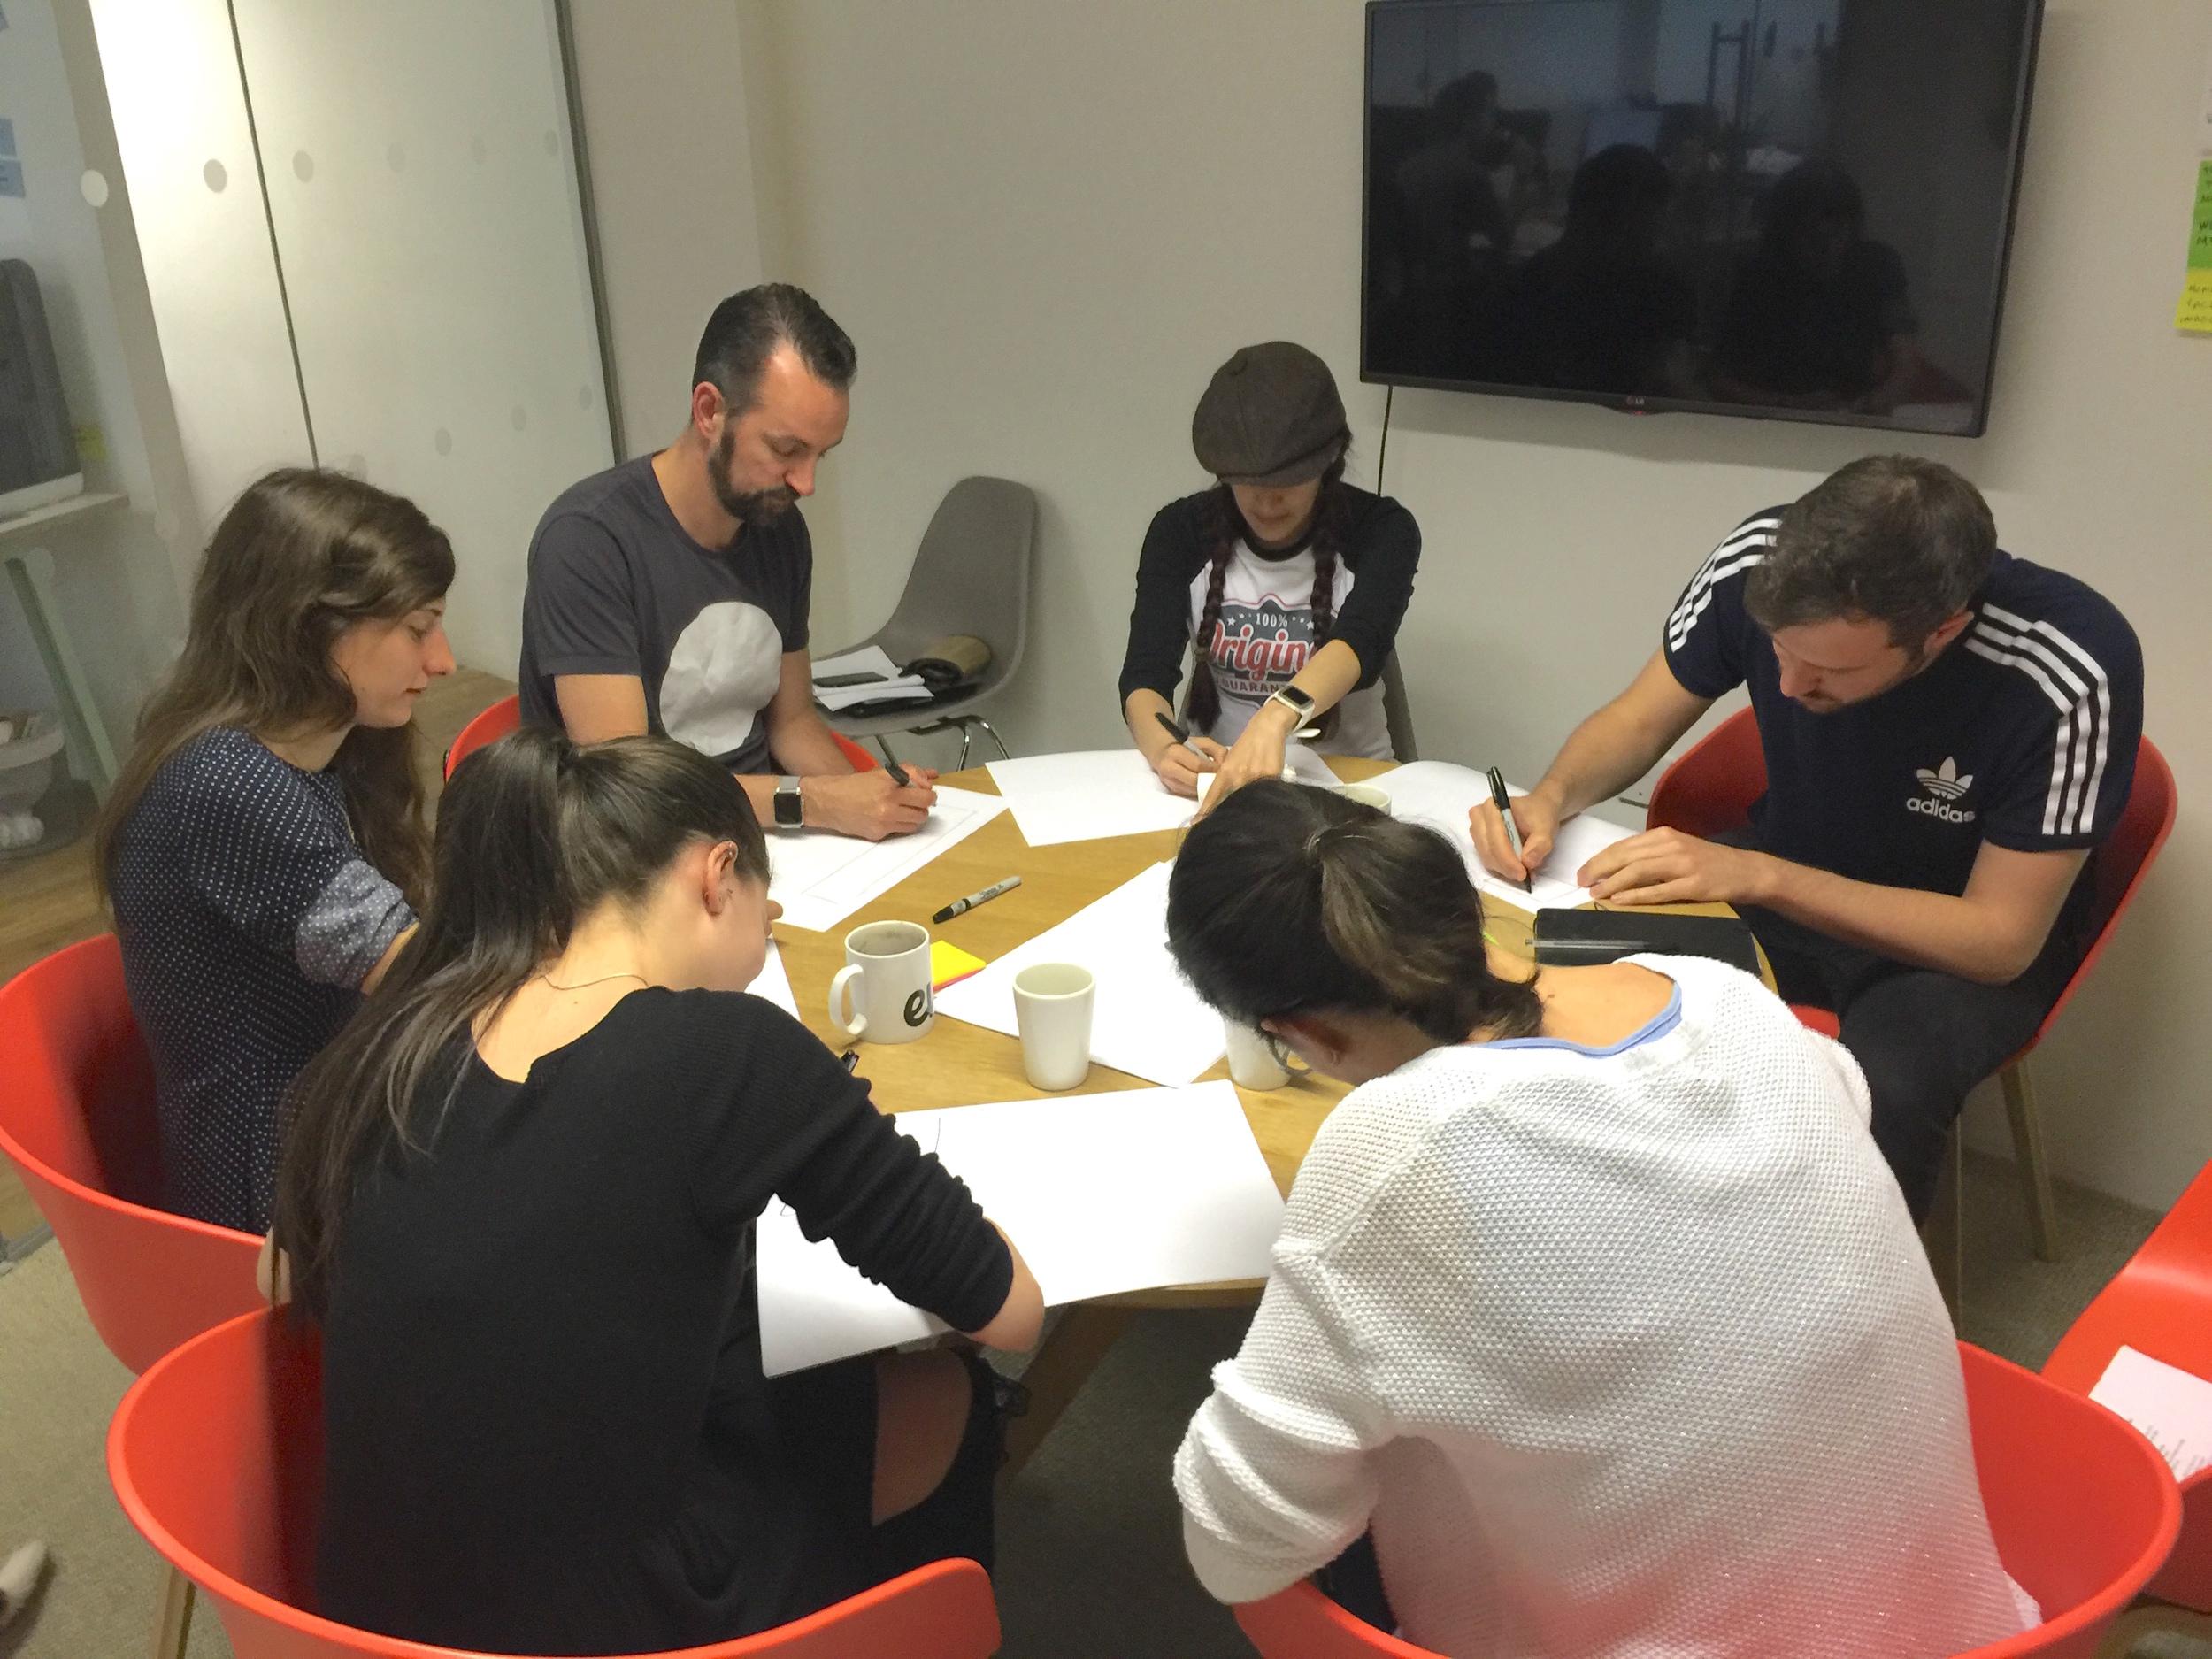 Design studio with NomNom stakeholders